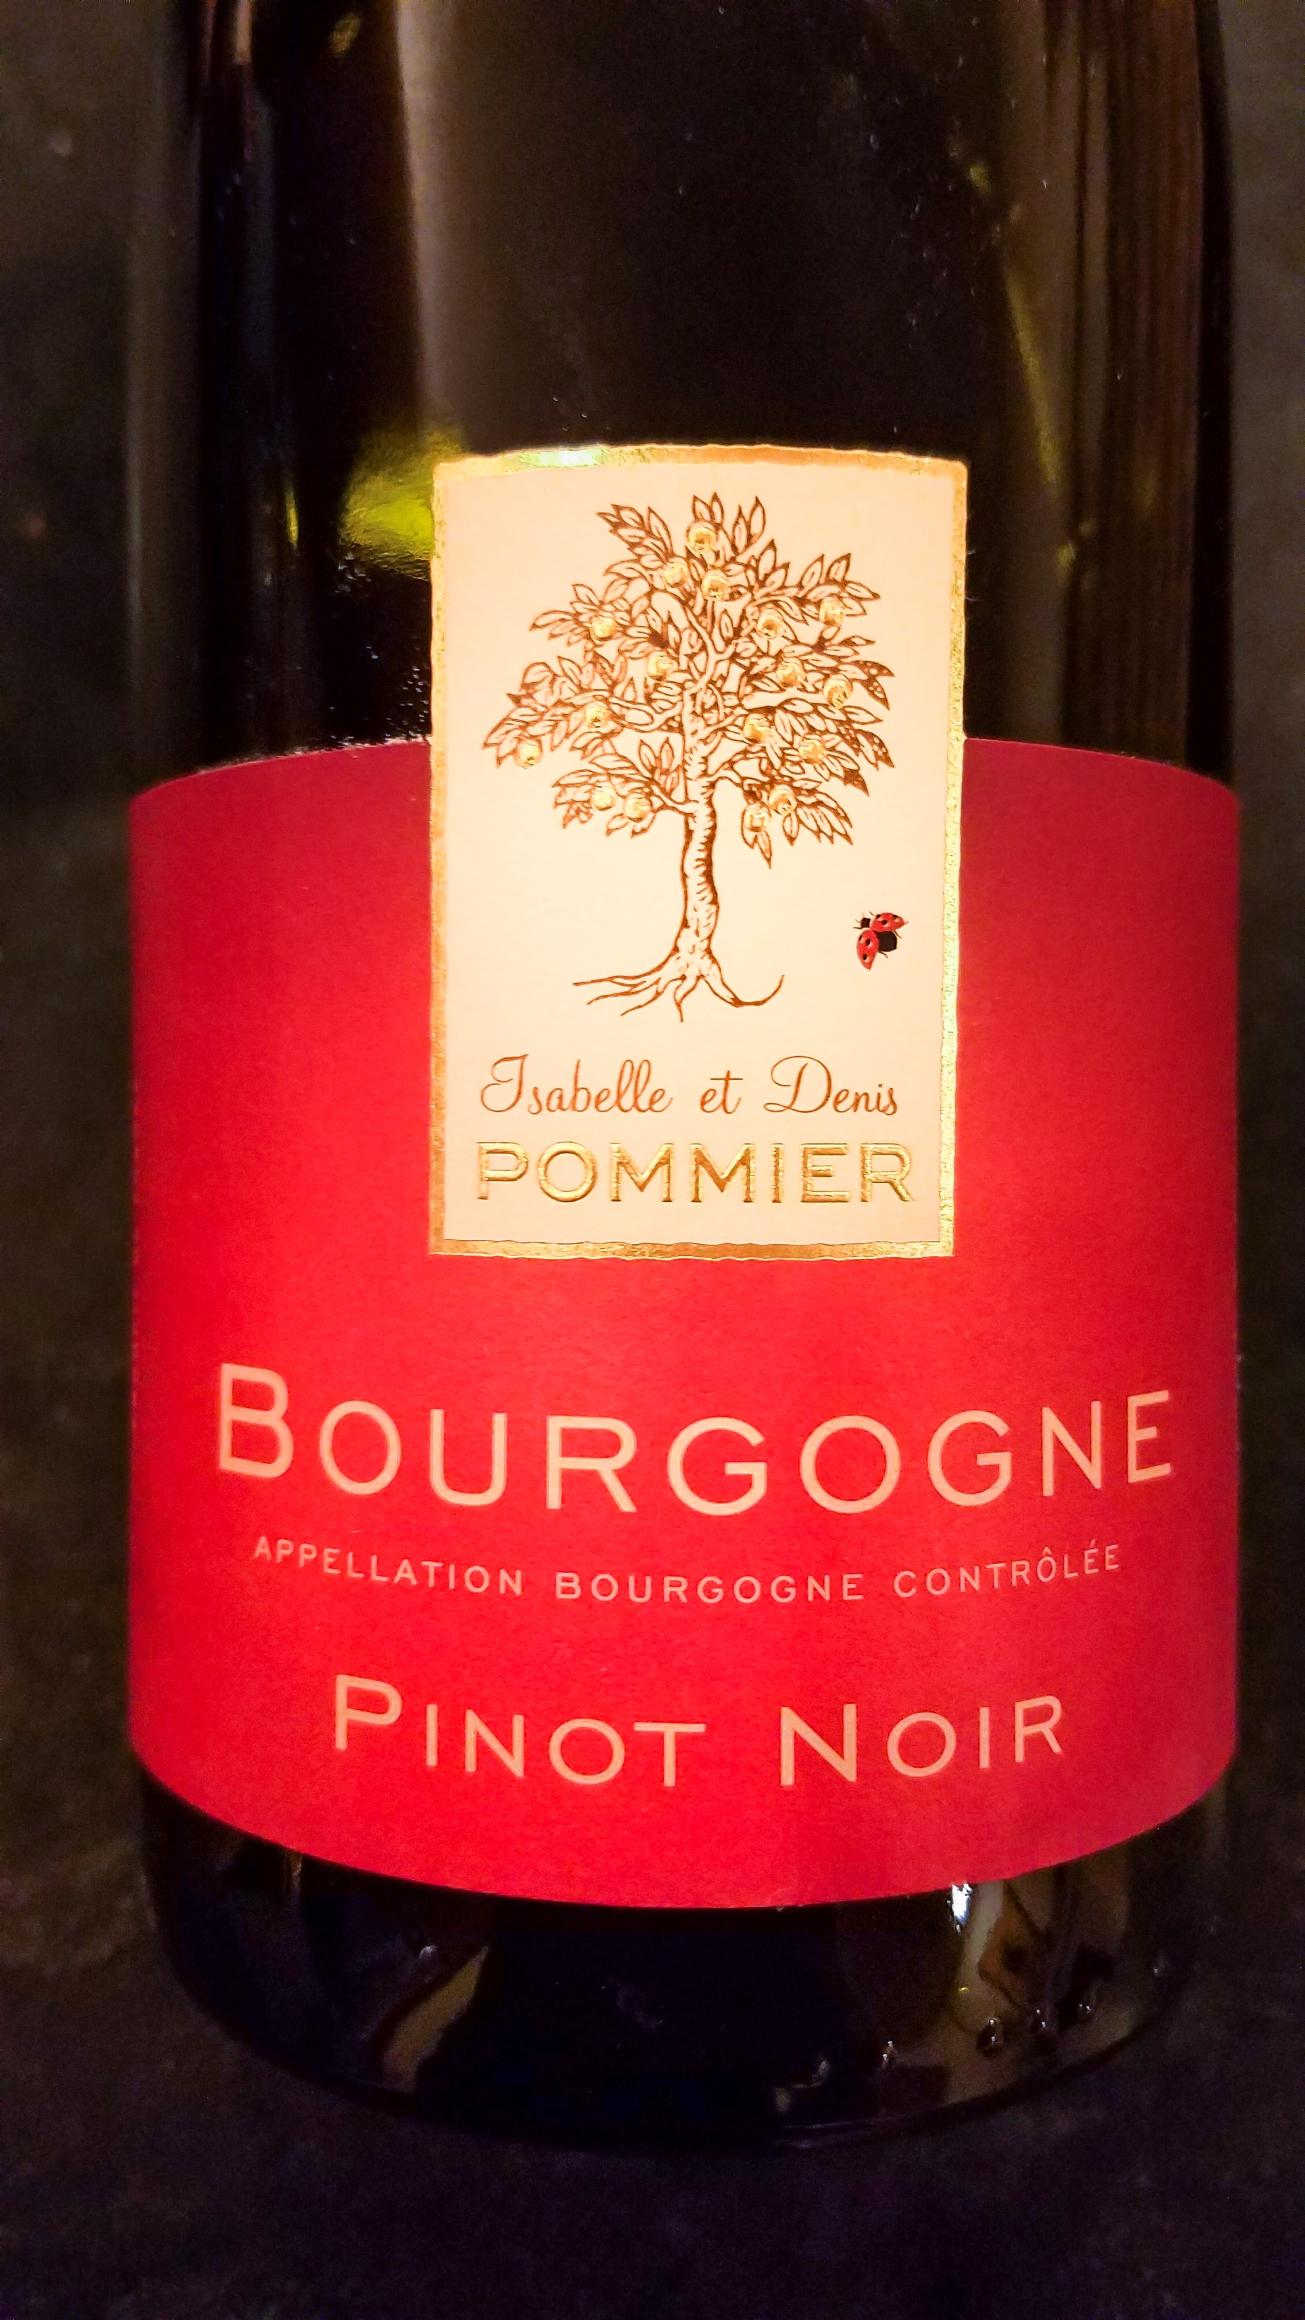 2014 Denis (Isabelle et Denis) Pommier Bourgogne